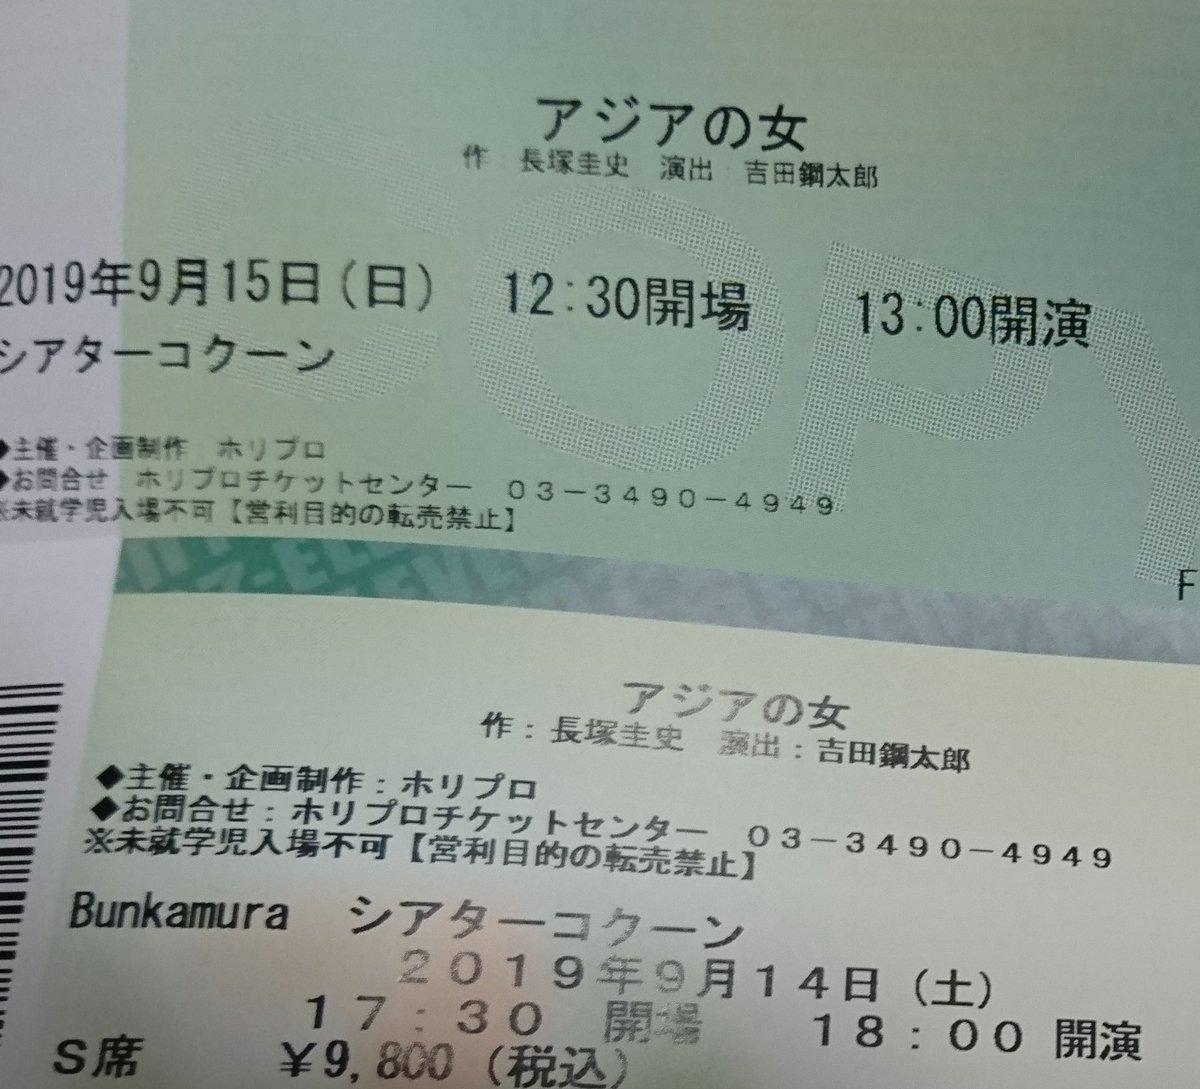 石原 さとみ 舞台 アジア の 女 チケット